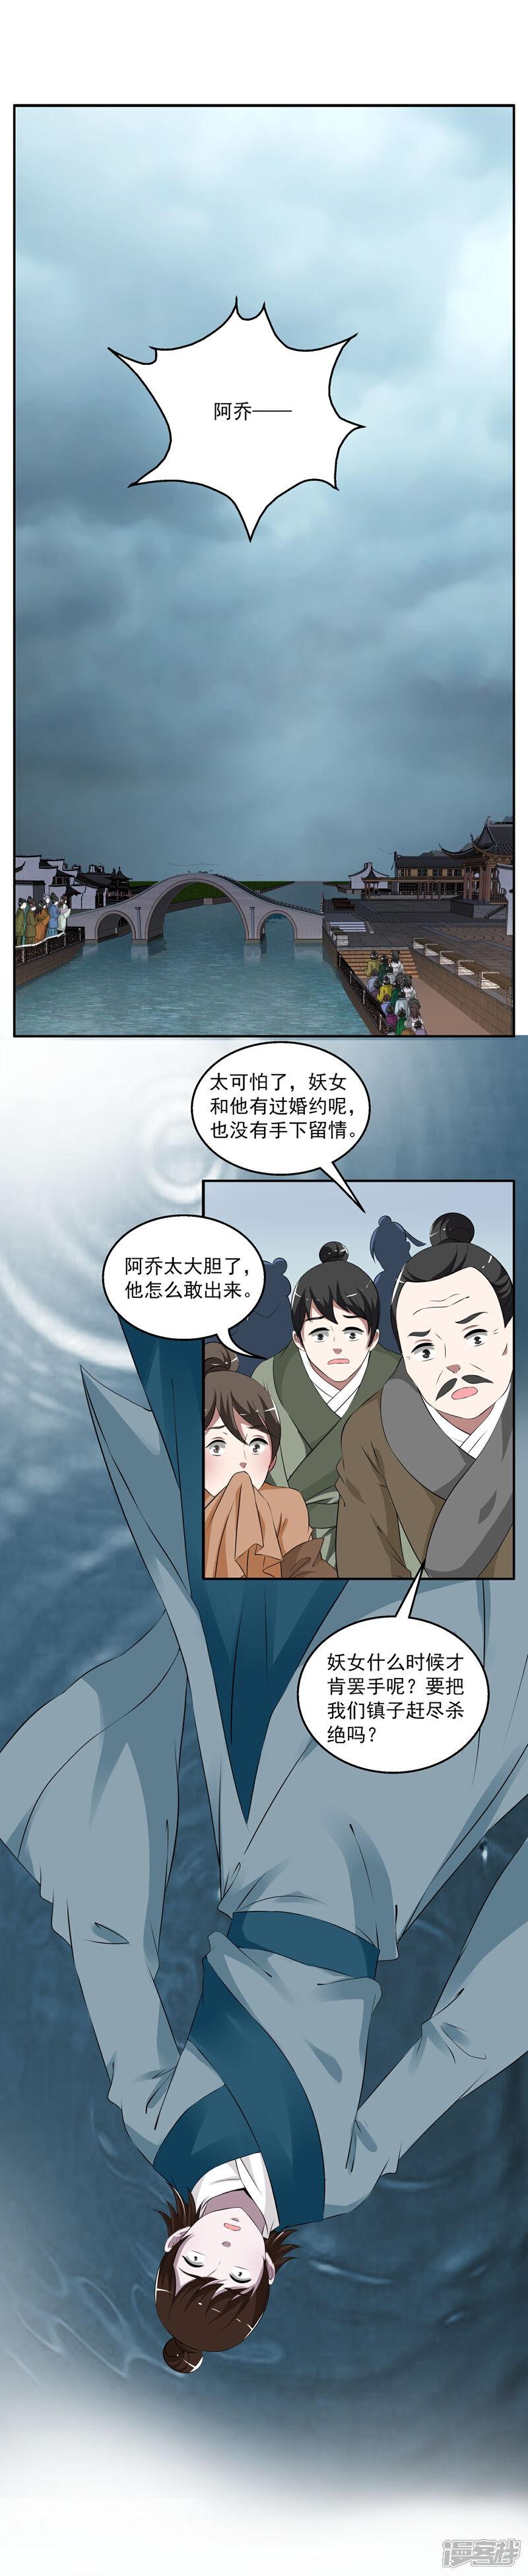 洛小妖190 (2).JPG